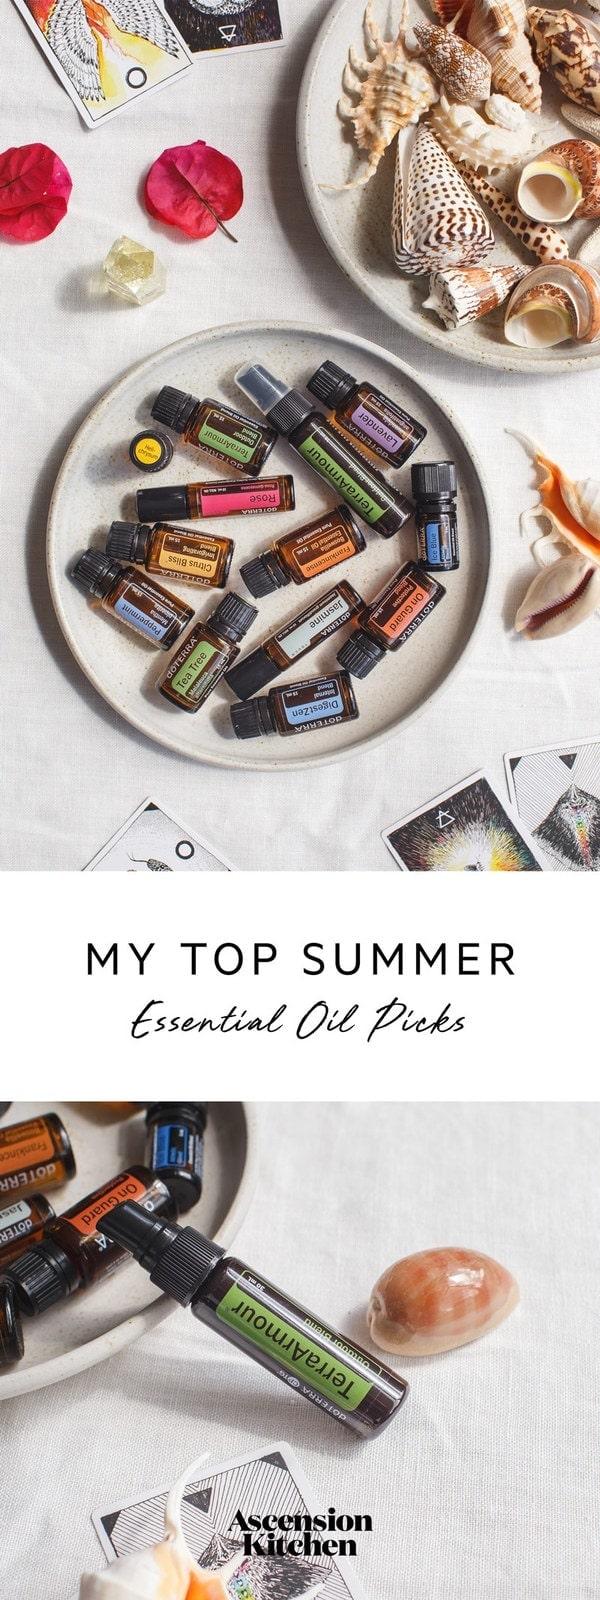 My top summer essential oil picks! #summeressentialoils #holidayessentialoils #doterra #doterrasummer #notoxsummer #AscensionKitchen